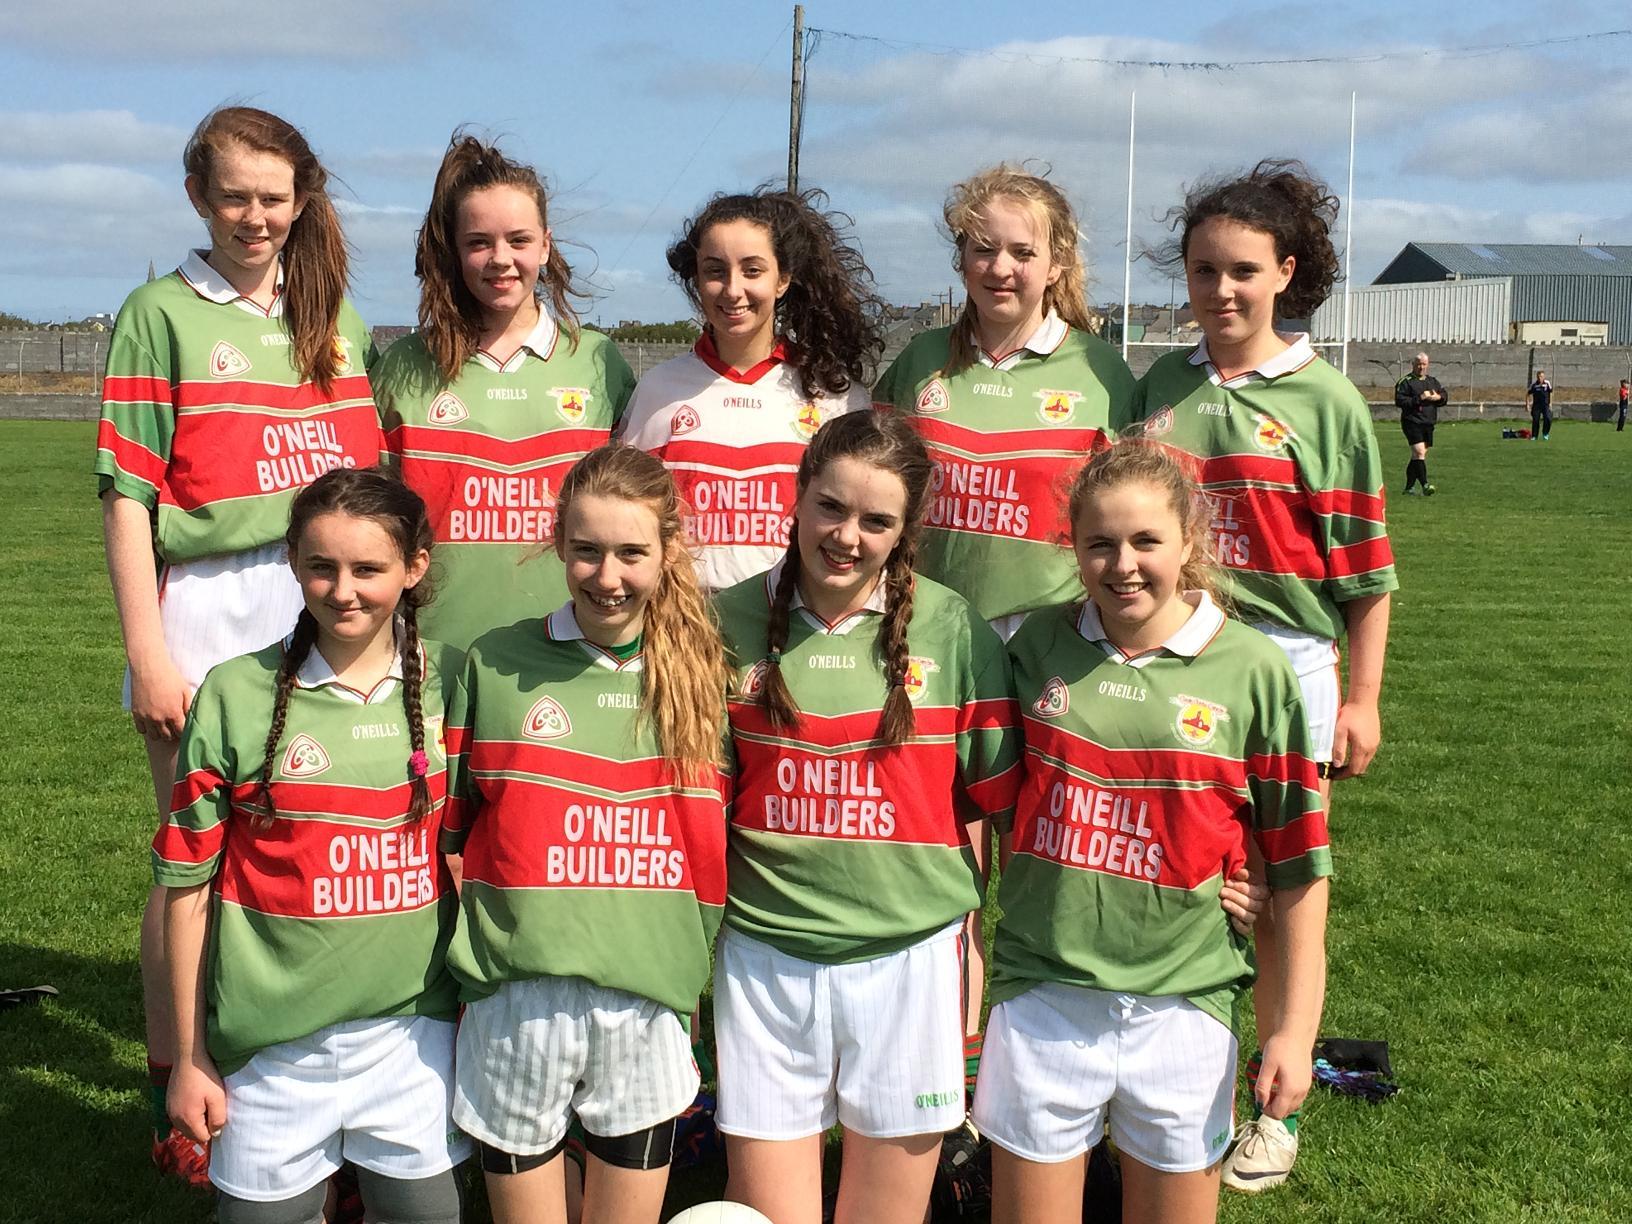 U16's Ladies Football team at All Ireland 7's